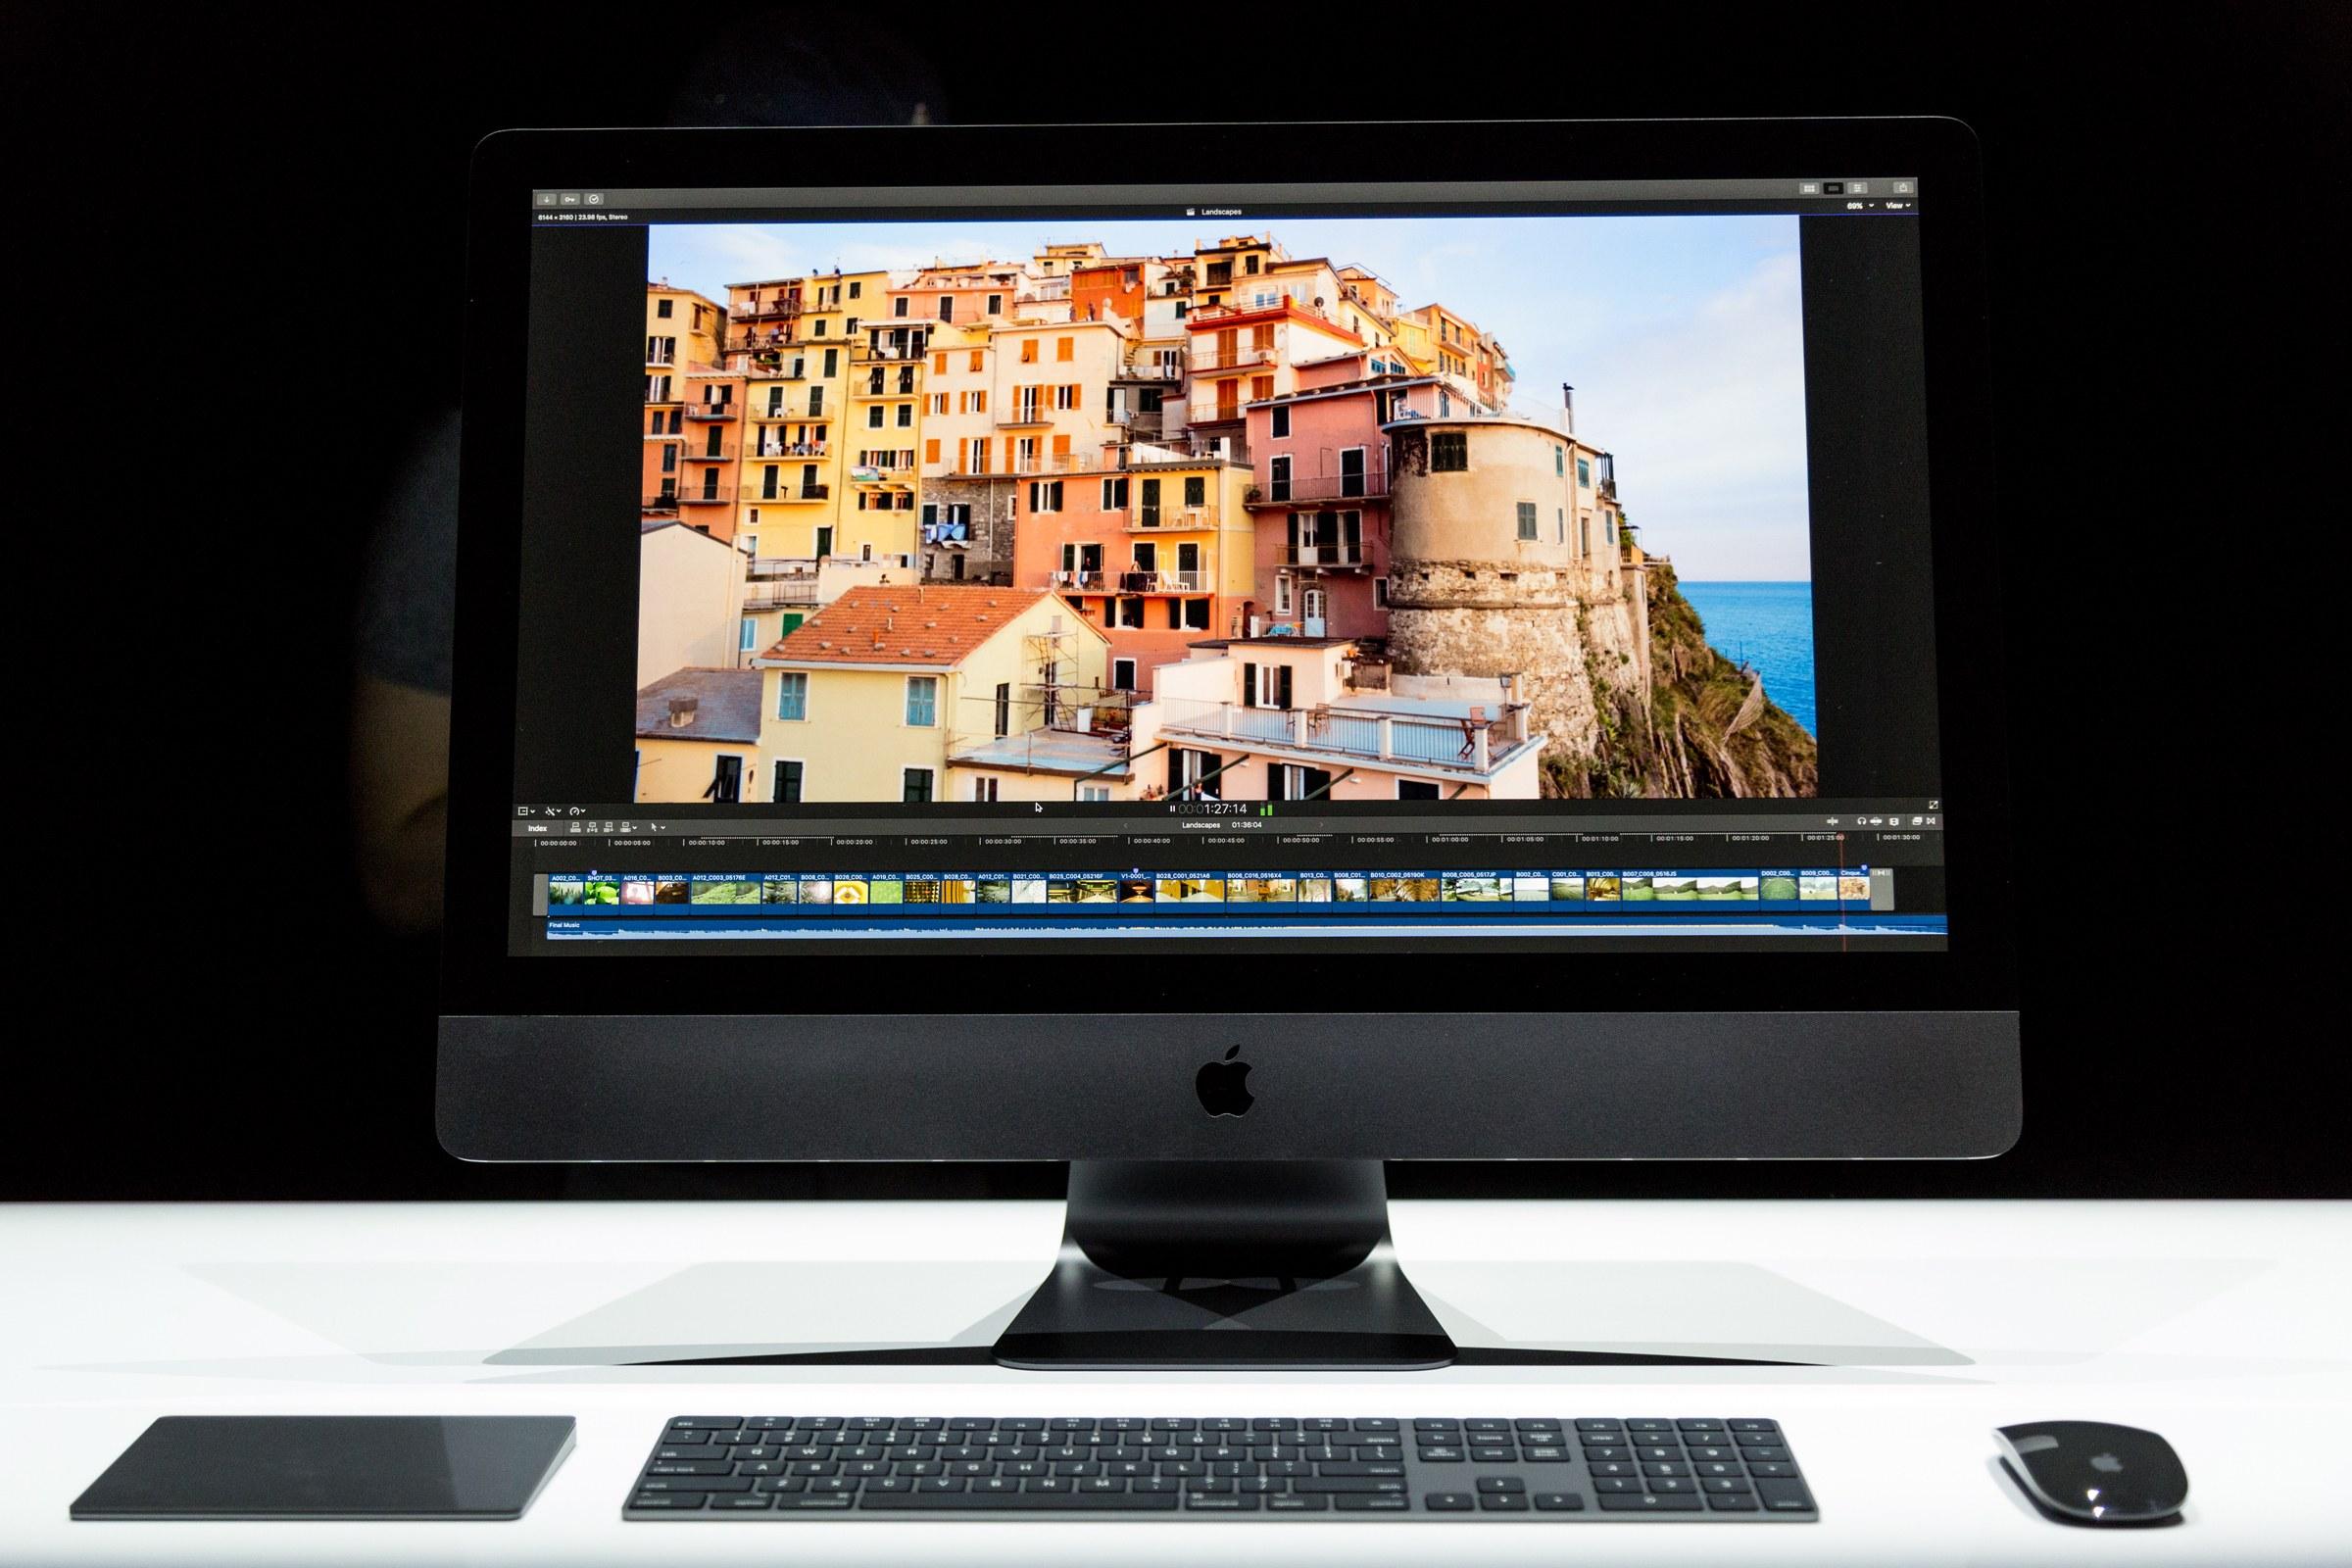 Завтра Apple представит мощный компьютер за 300 тысяч рублей